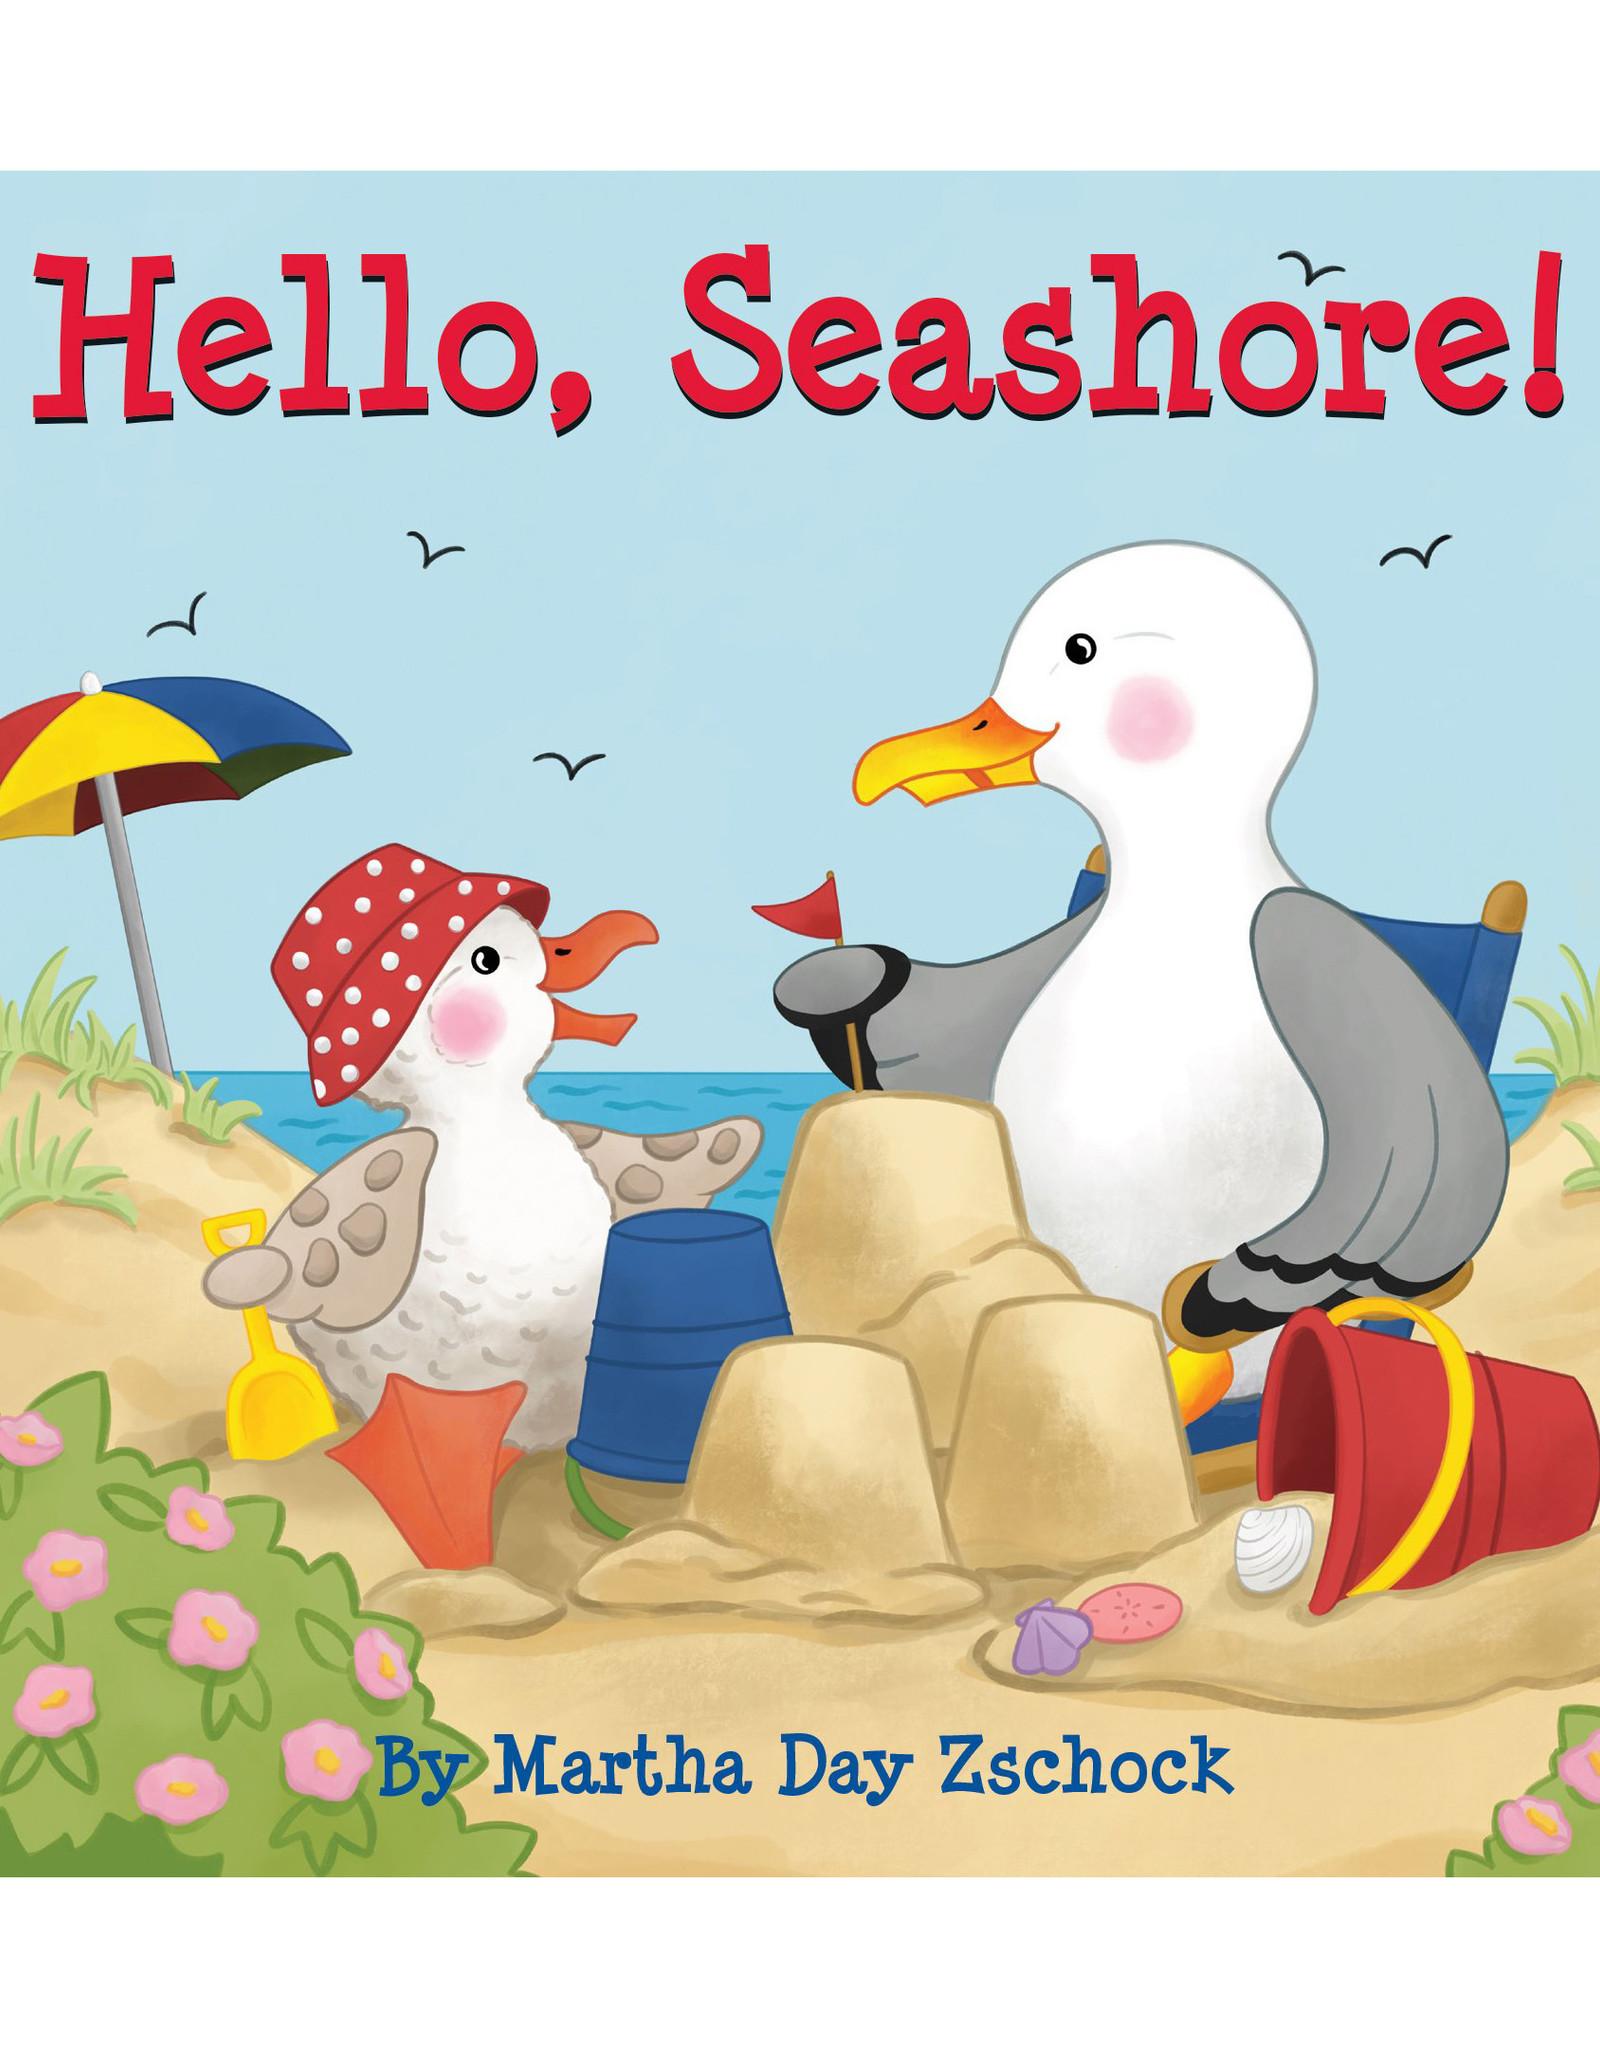 Hello, Seashore!